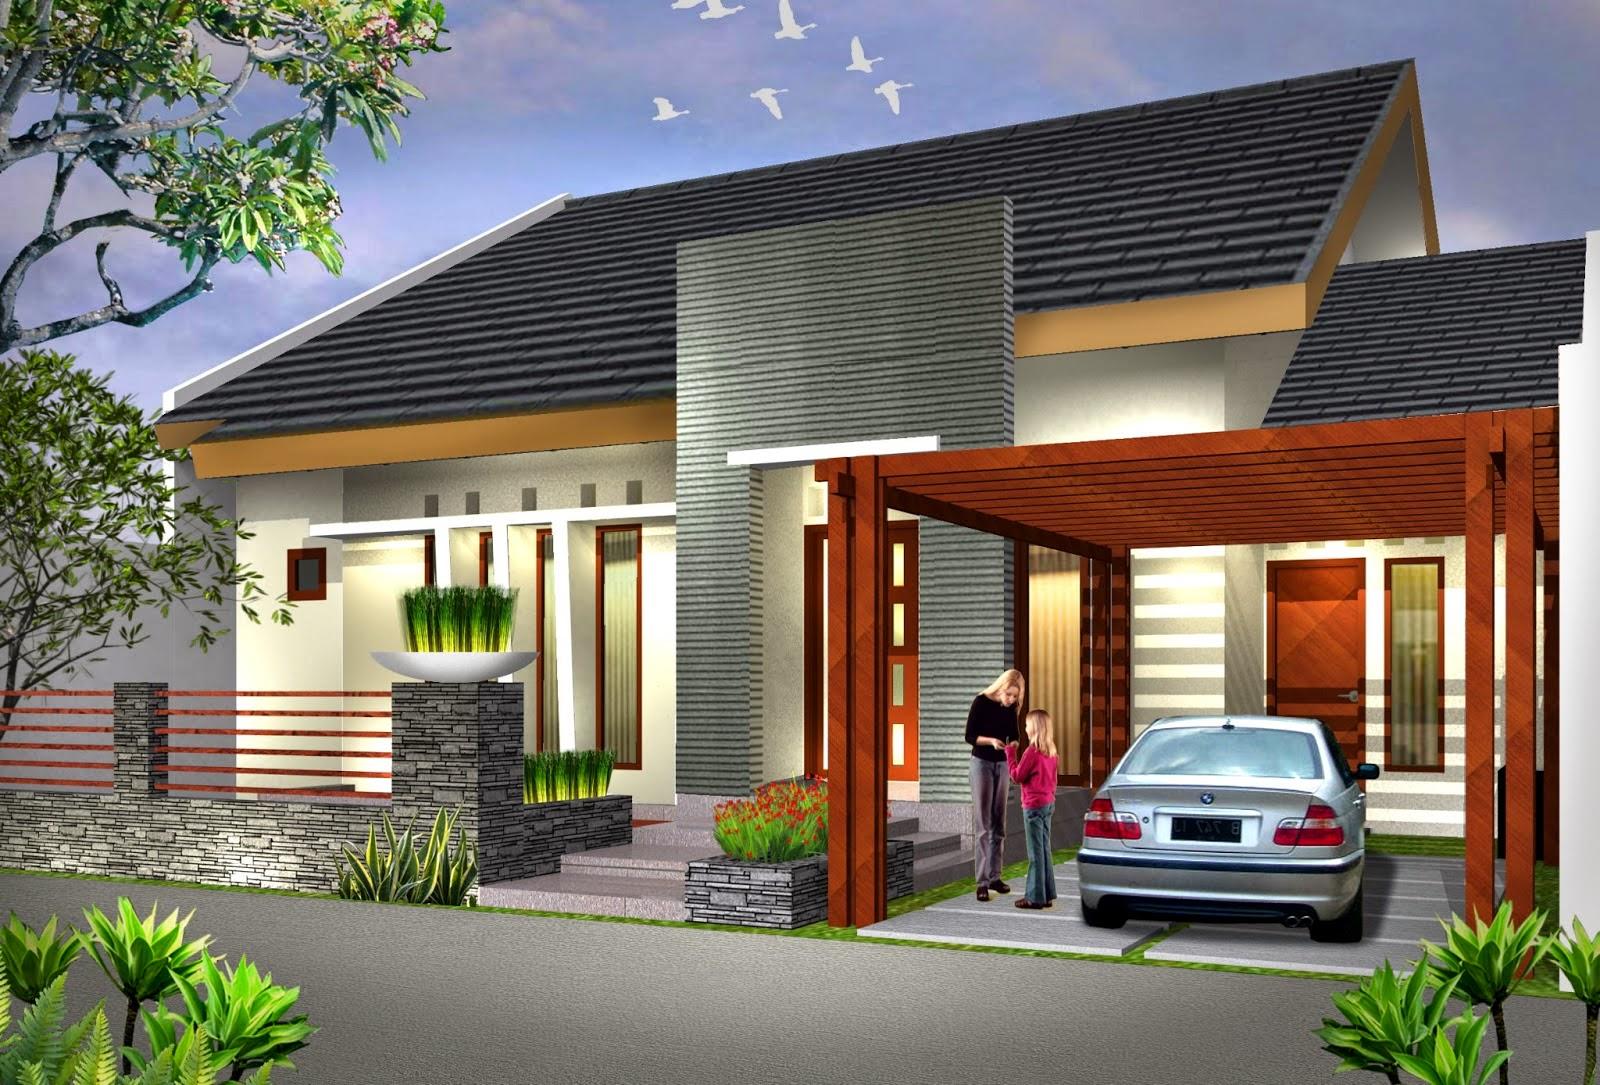 Desain Rumah Minimalis 1 Lantai Mewah - Foto Desain Rumah ...